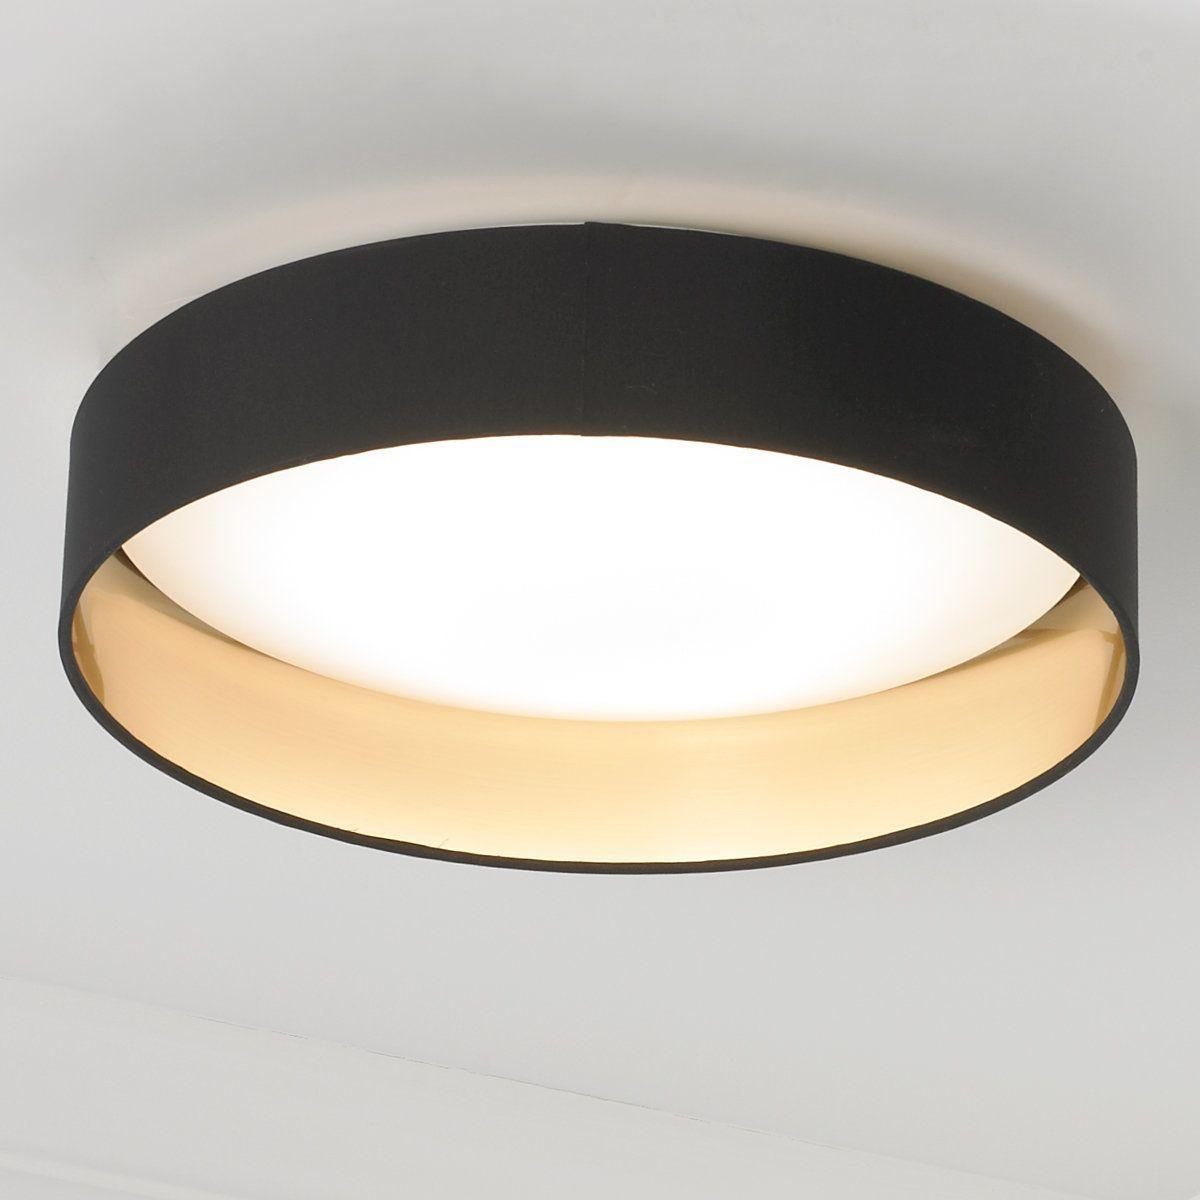 Modern Ringed Led Ceiling Light En 2019 D 233 Co Chambre Led